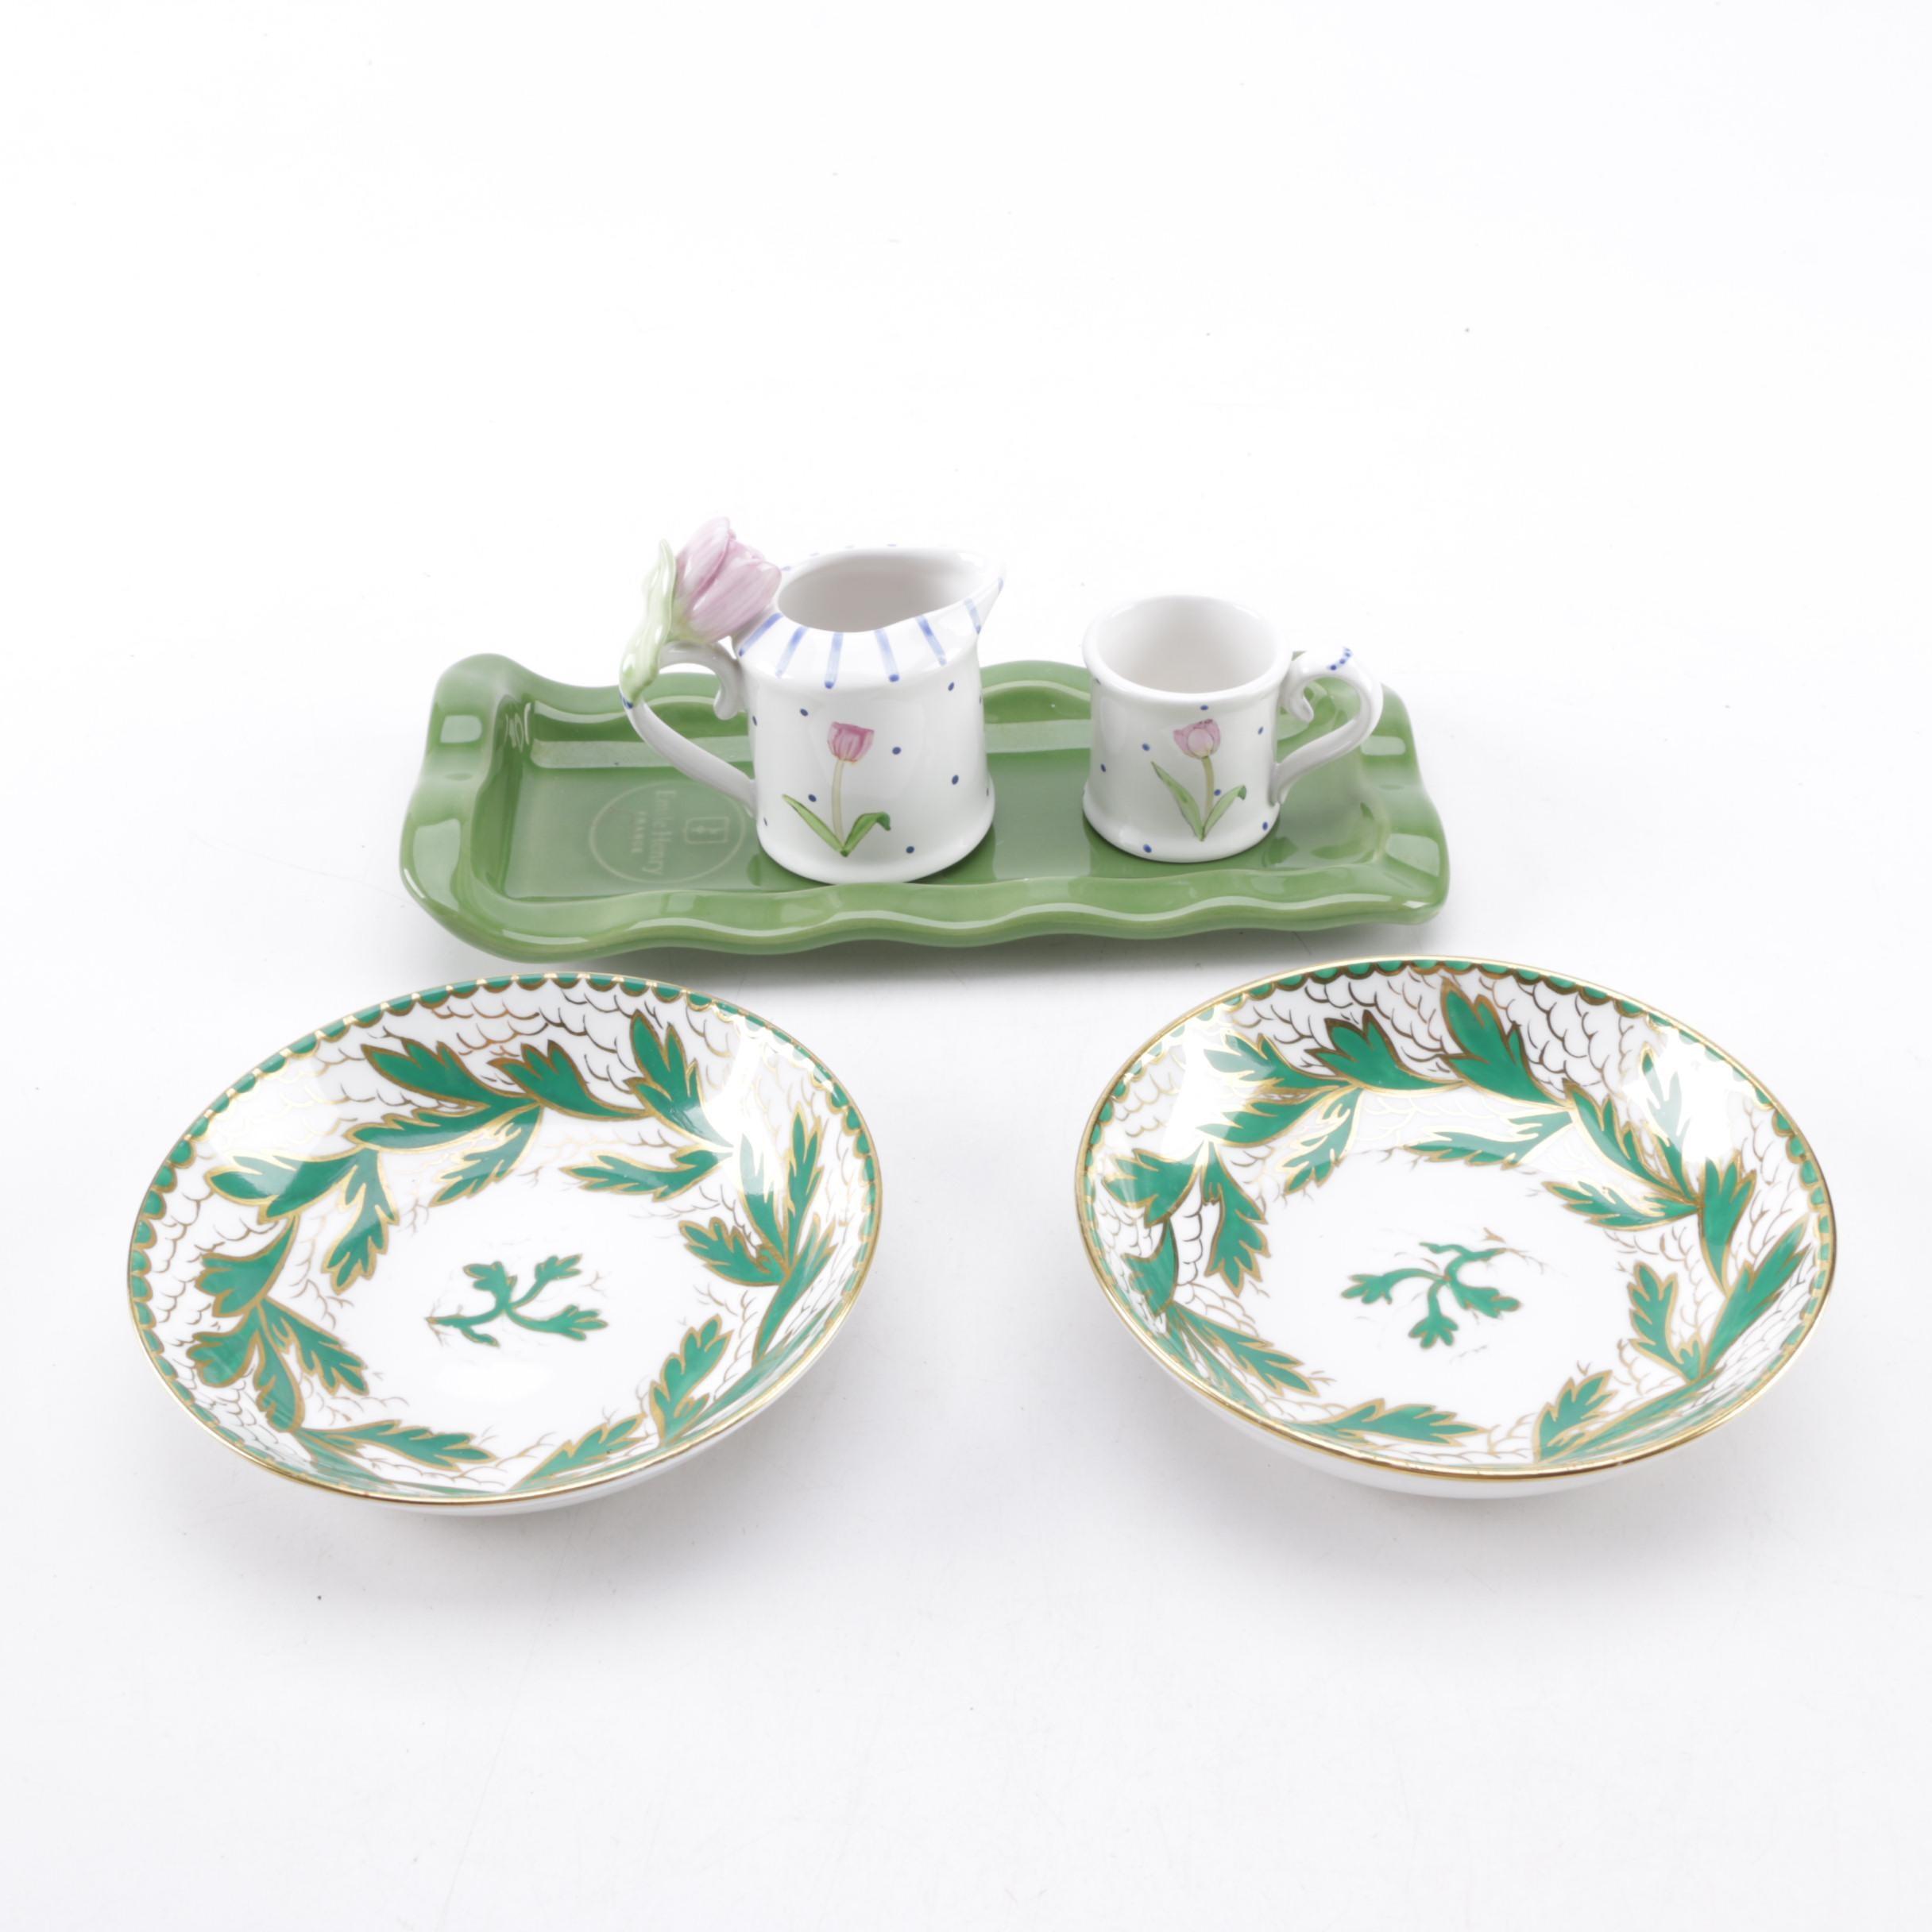 Ceramic and Porcelain Serveware Including Emile Henry